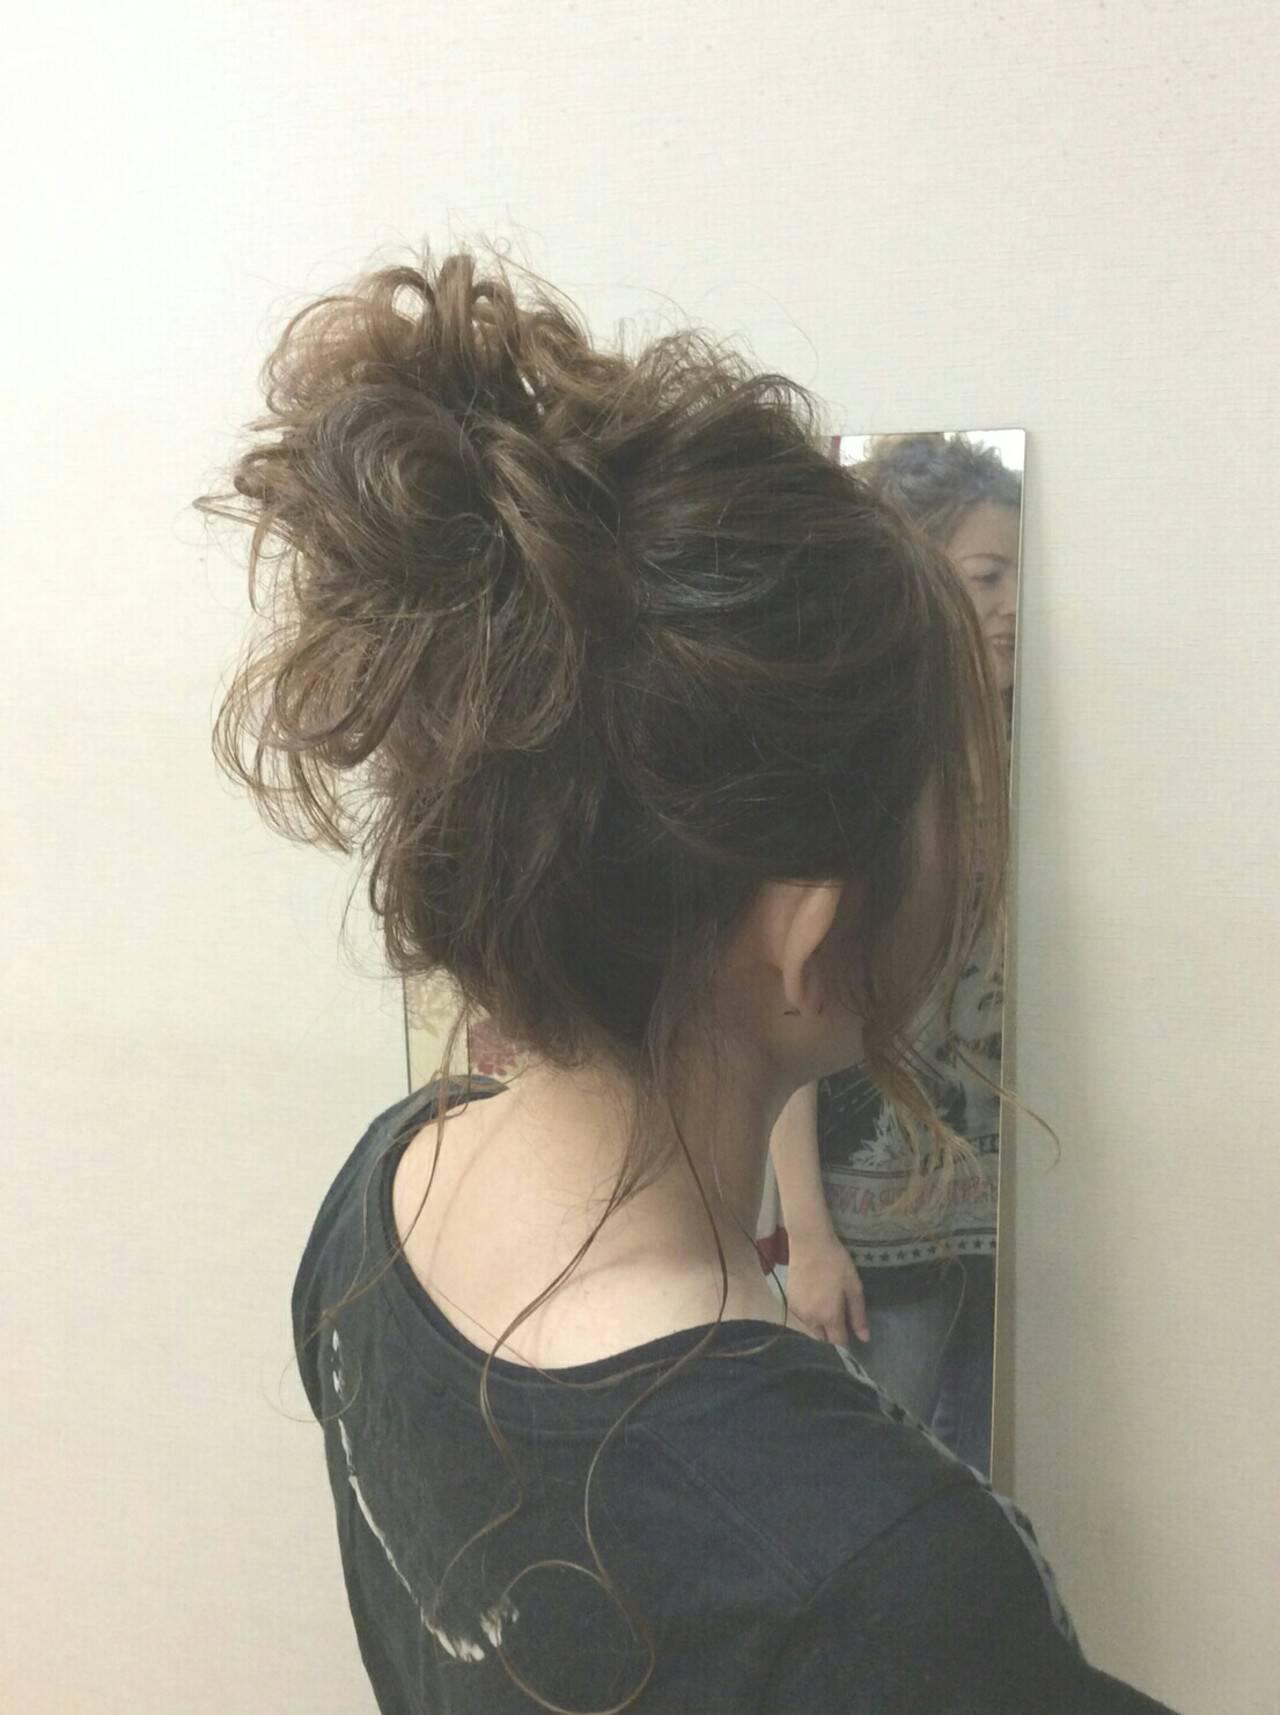 ナチュラル ヘアアレンジ セミロング ポンパドールヘアスタイルや髪型の写真・画像